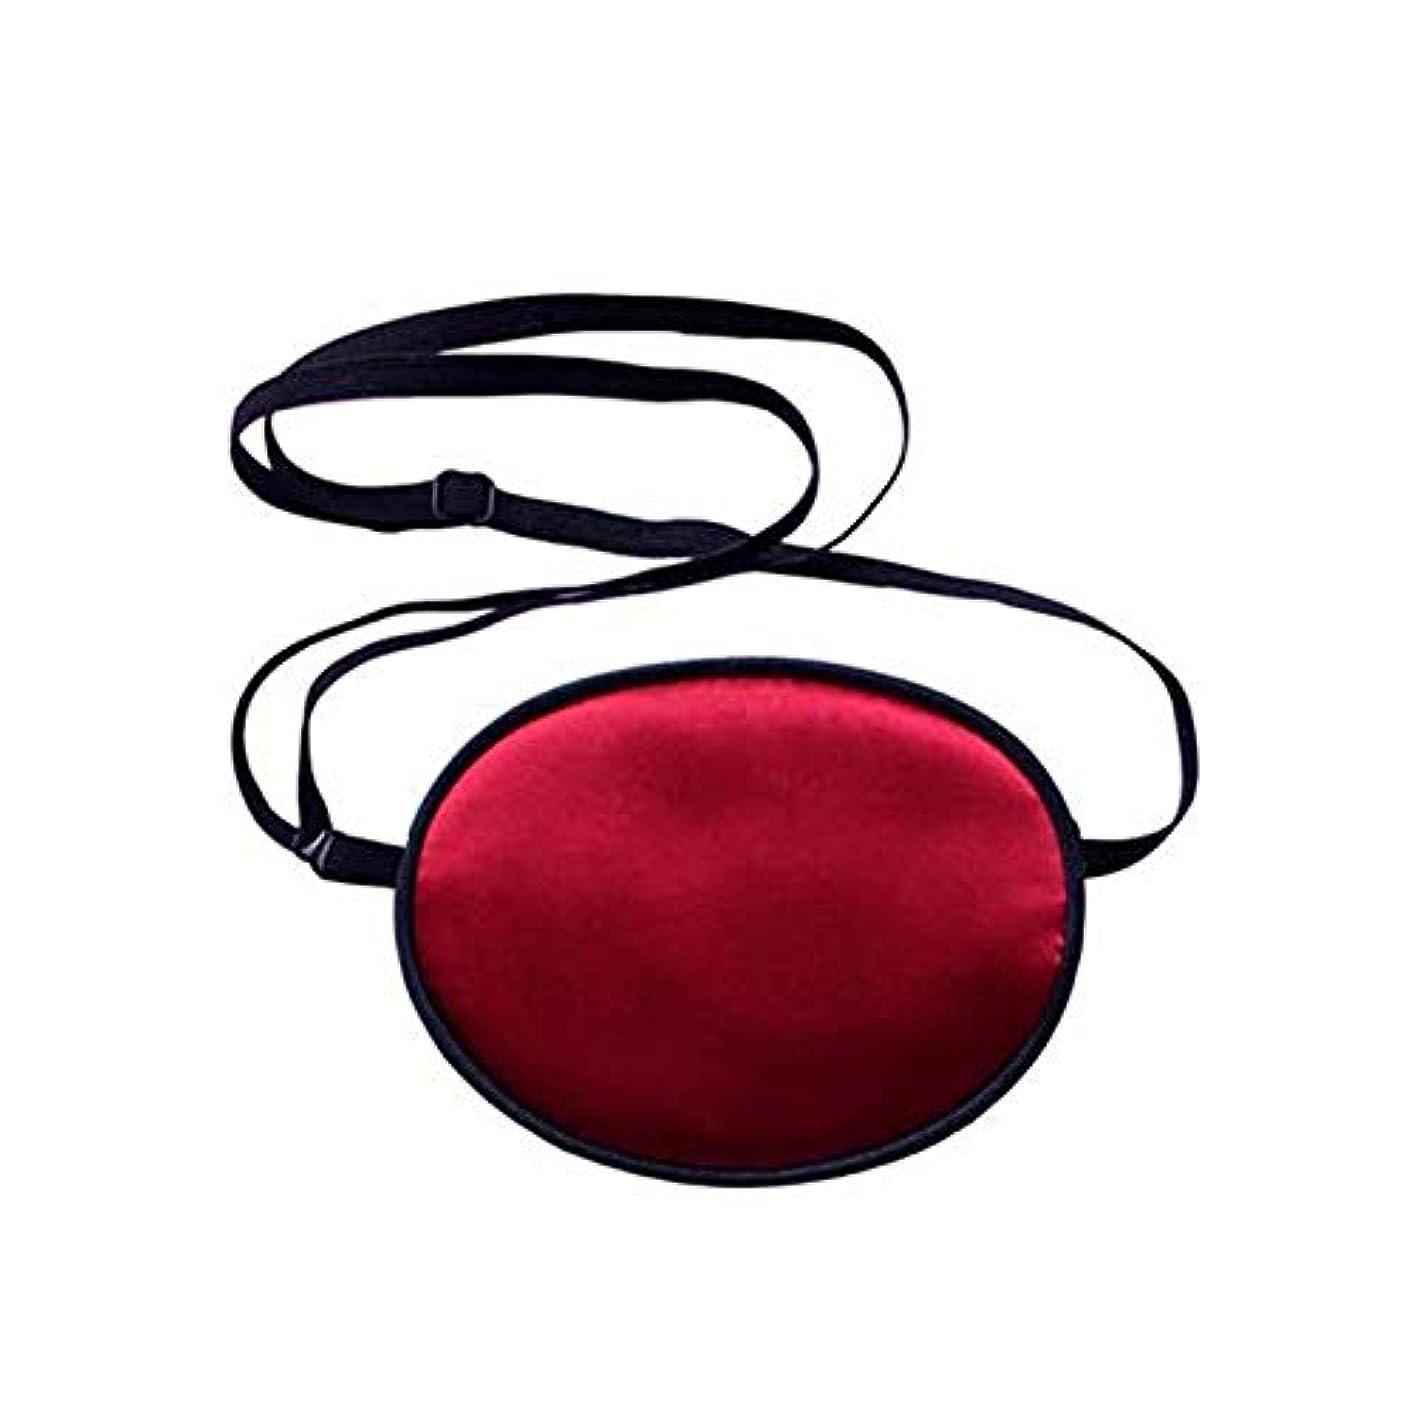 予測プレゼンターネックレスNOTE 片目睡眠マスクパッチ医療アイパッチアイシェイプ用弱視乱視ポータブルマスク用睡眠目隠し